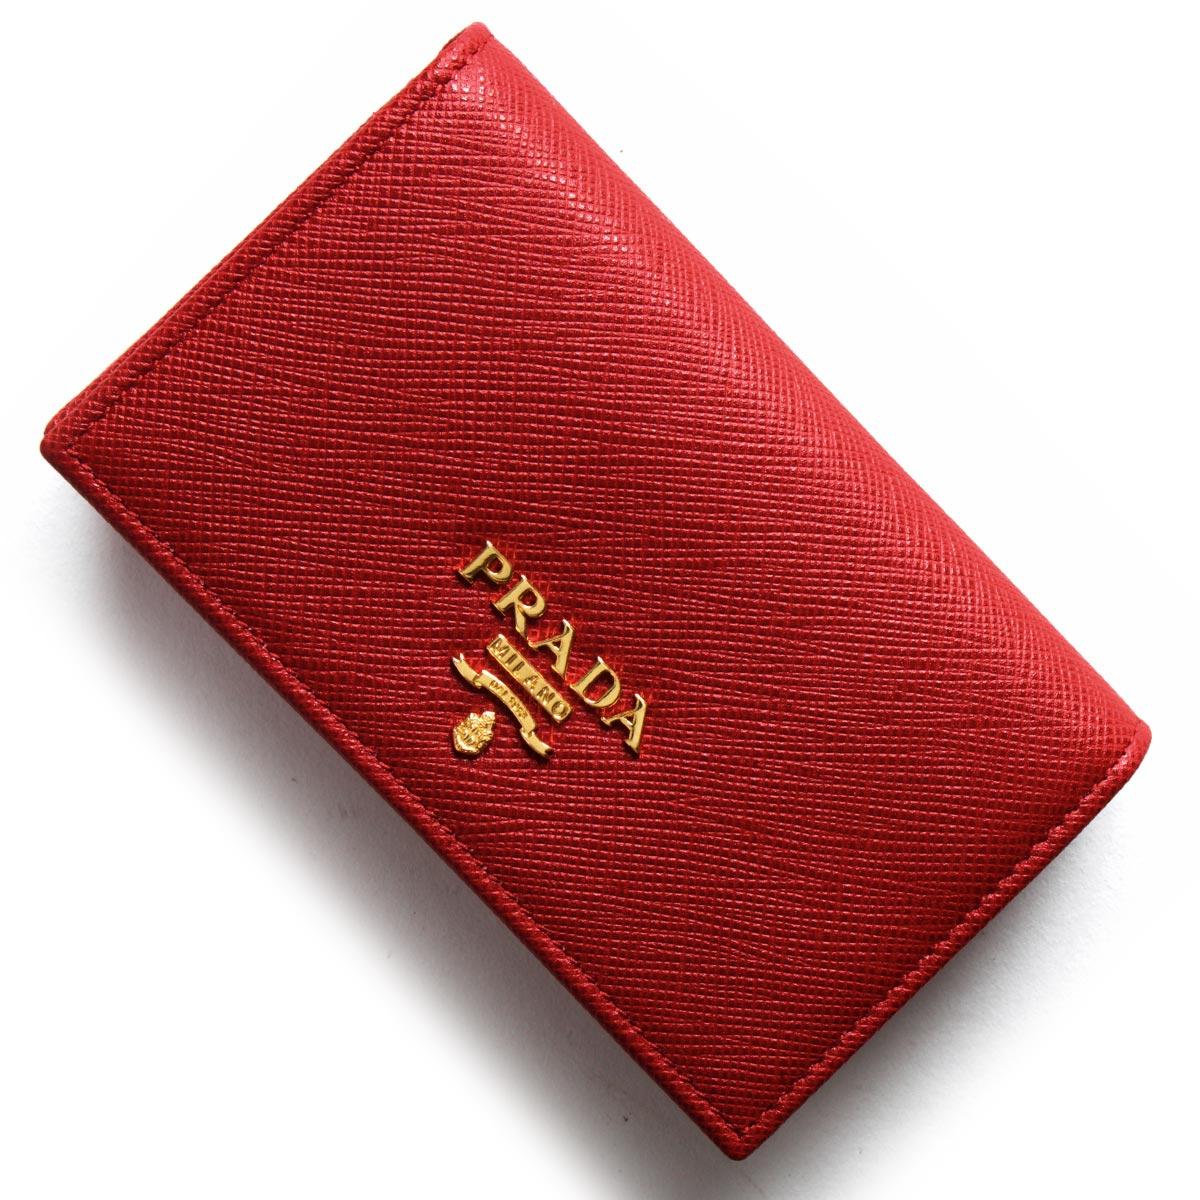 プラダ カードケース レディース サフィアーノ メタル SAFFIANO METAL フォーコレッド 1MC122 QWA F068Z PRADA